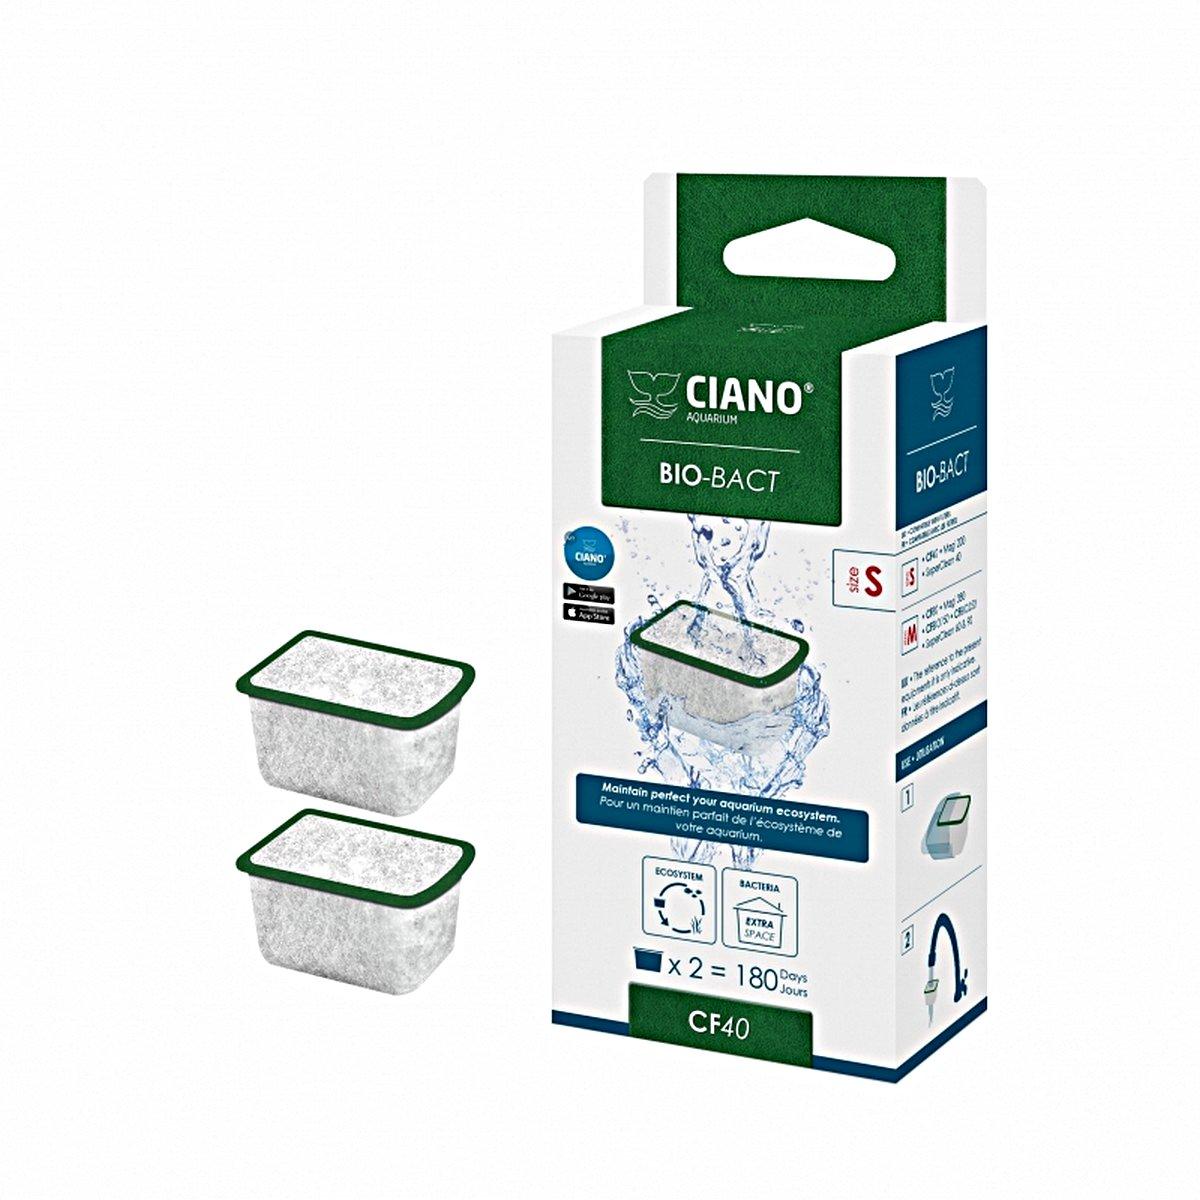 Afbeelding van Ciano Bio bact 2st Groen 3,8x3x2,3cm